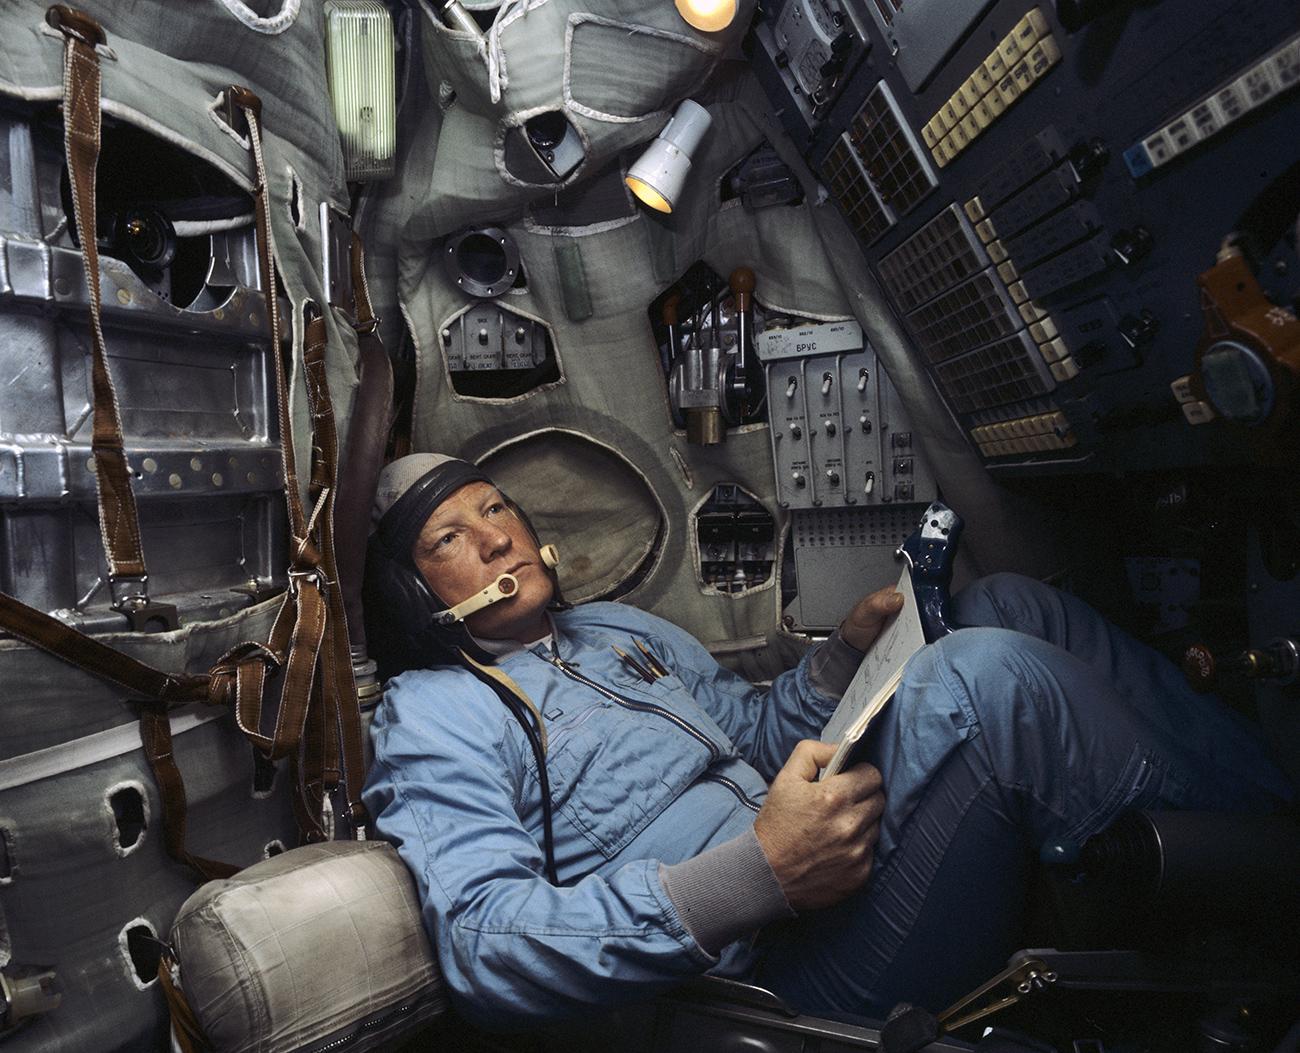 「ソ連英雄」受賞飛行士イーゴリ・ヴォルク氏=アレクサンドル・モクレツォフ/ロシア通信